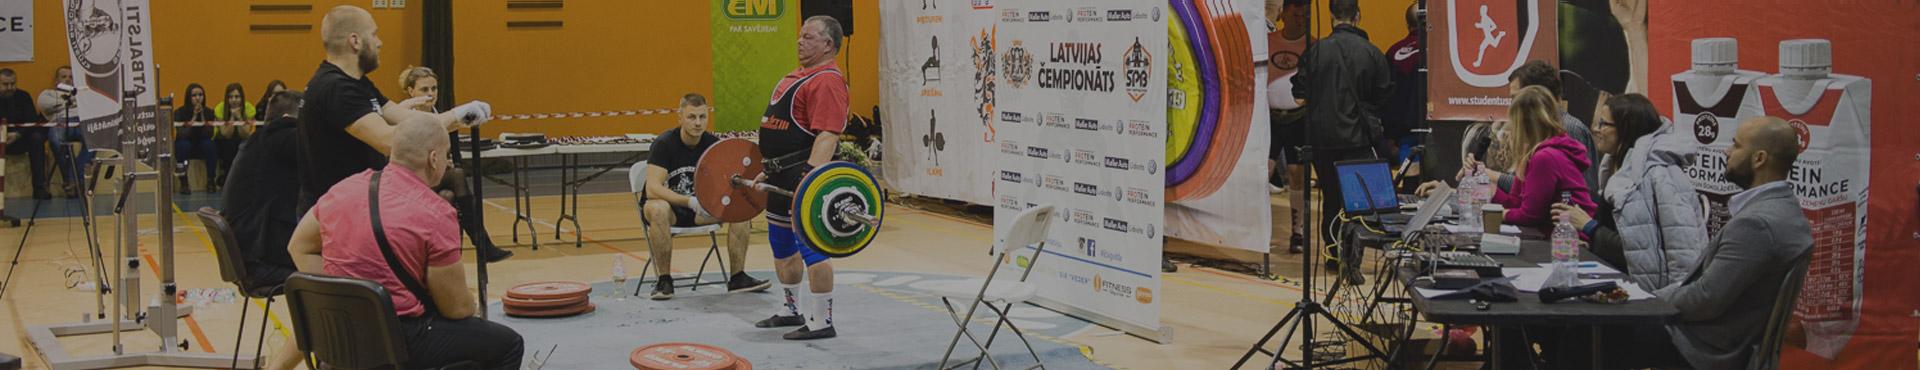 2019. gada Bauskas Novada čempionāts klasiskajā svaru stieņa spiešanā guļus